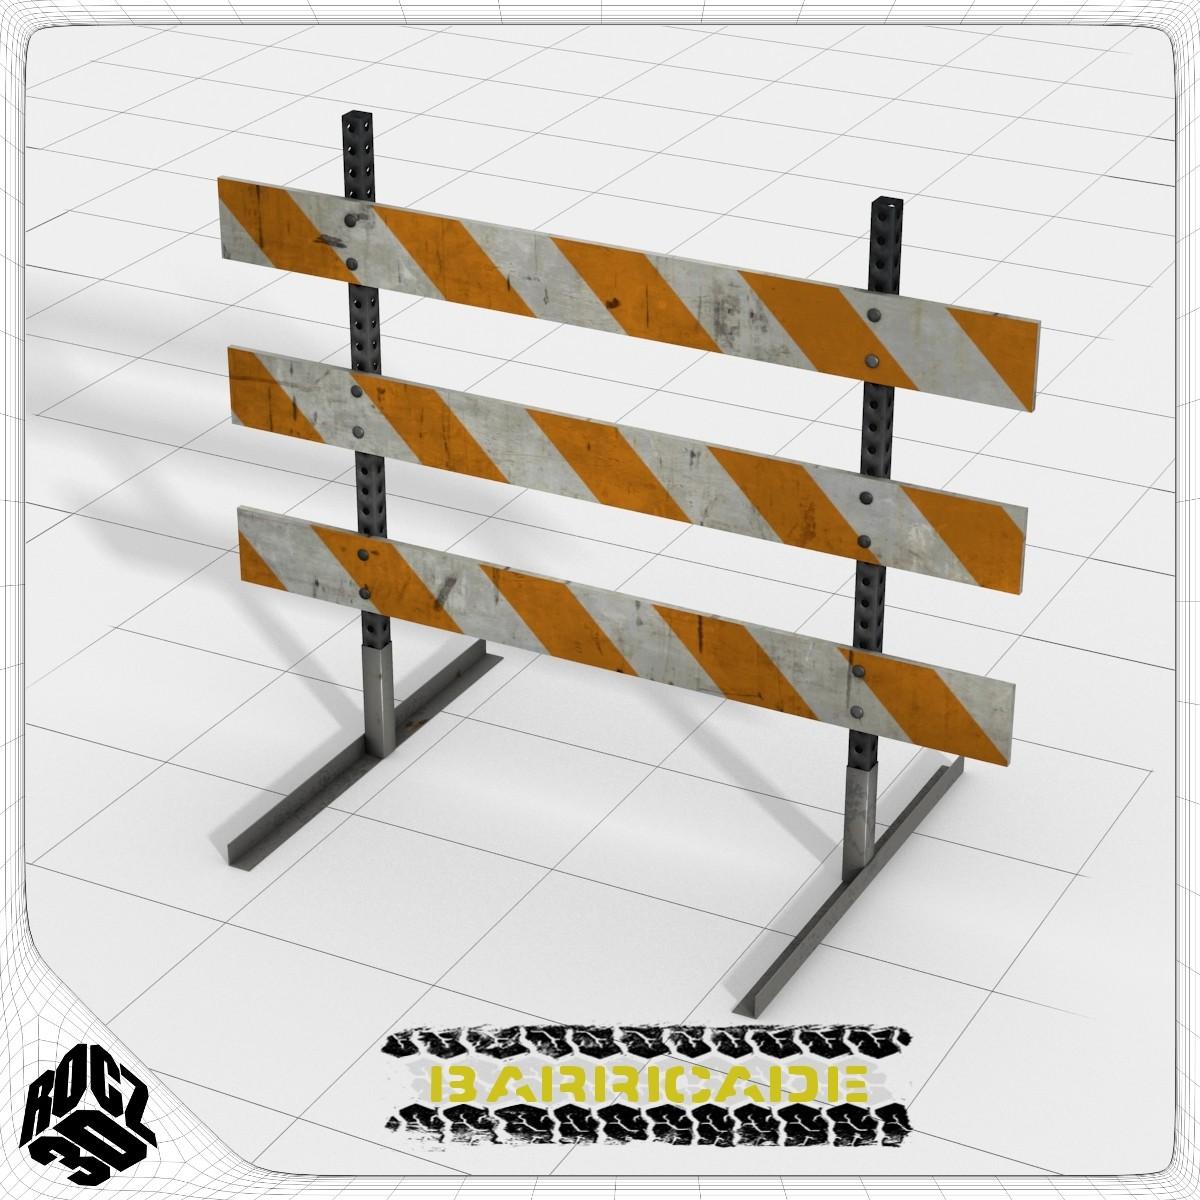 Barricade_3d Model_Textured.jpg